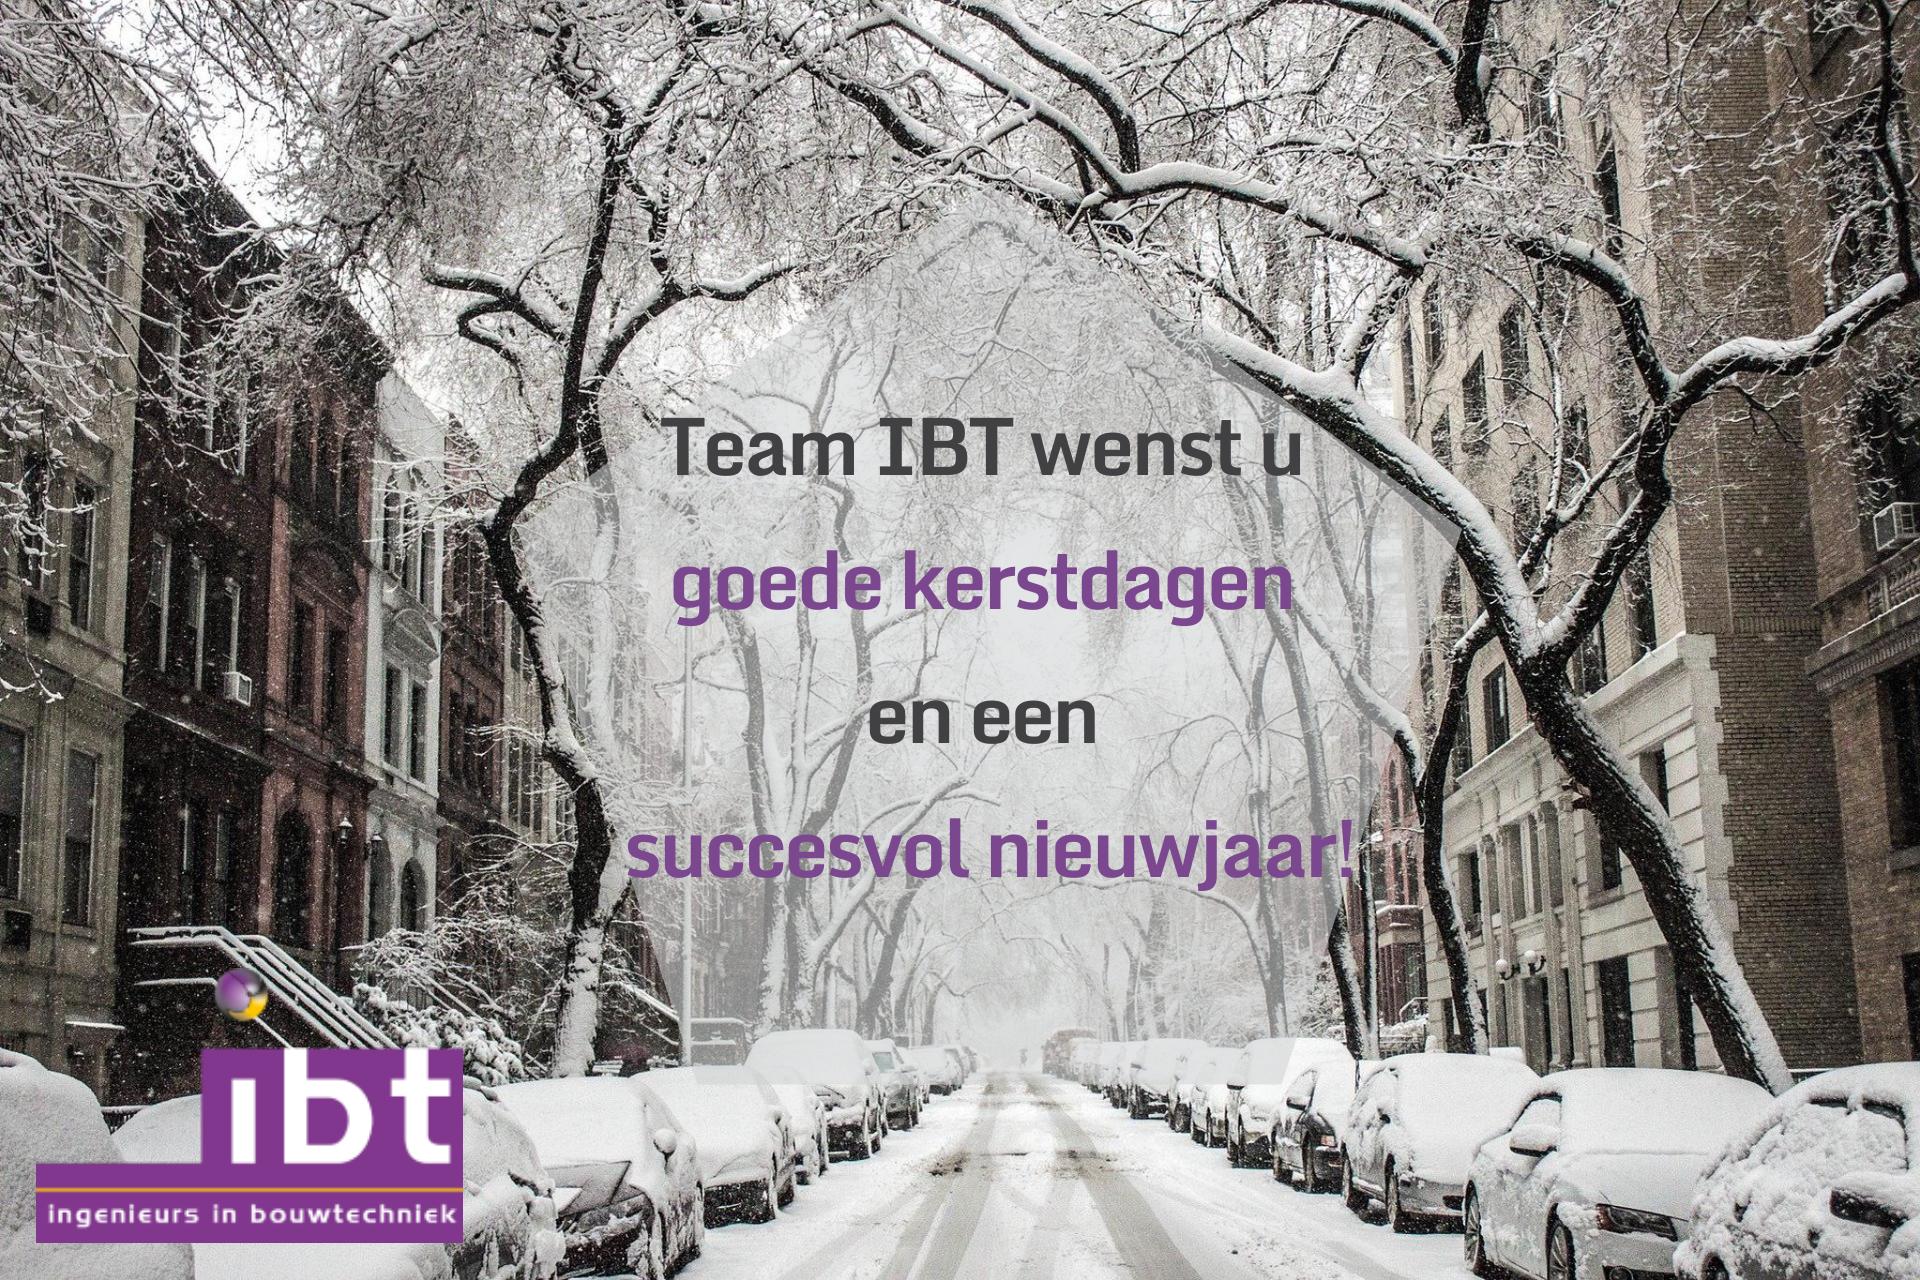 Team IBT wenst u goede kerstdagen en een succesvol nieuwjaar